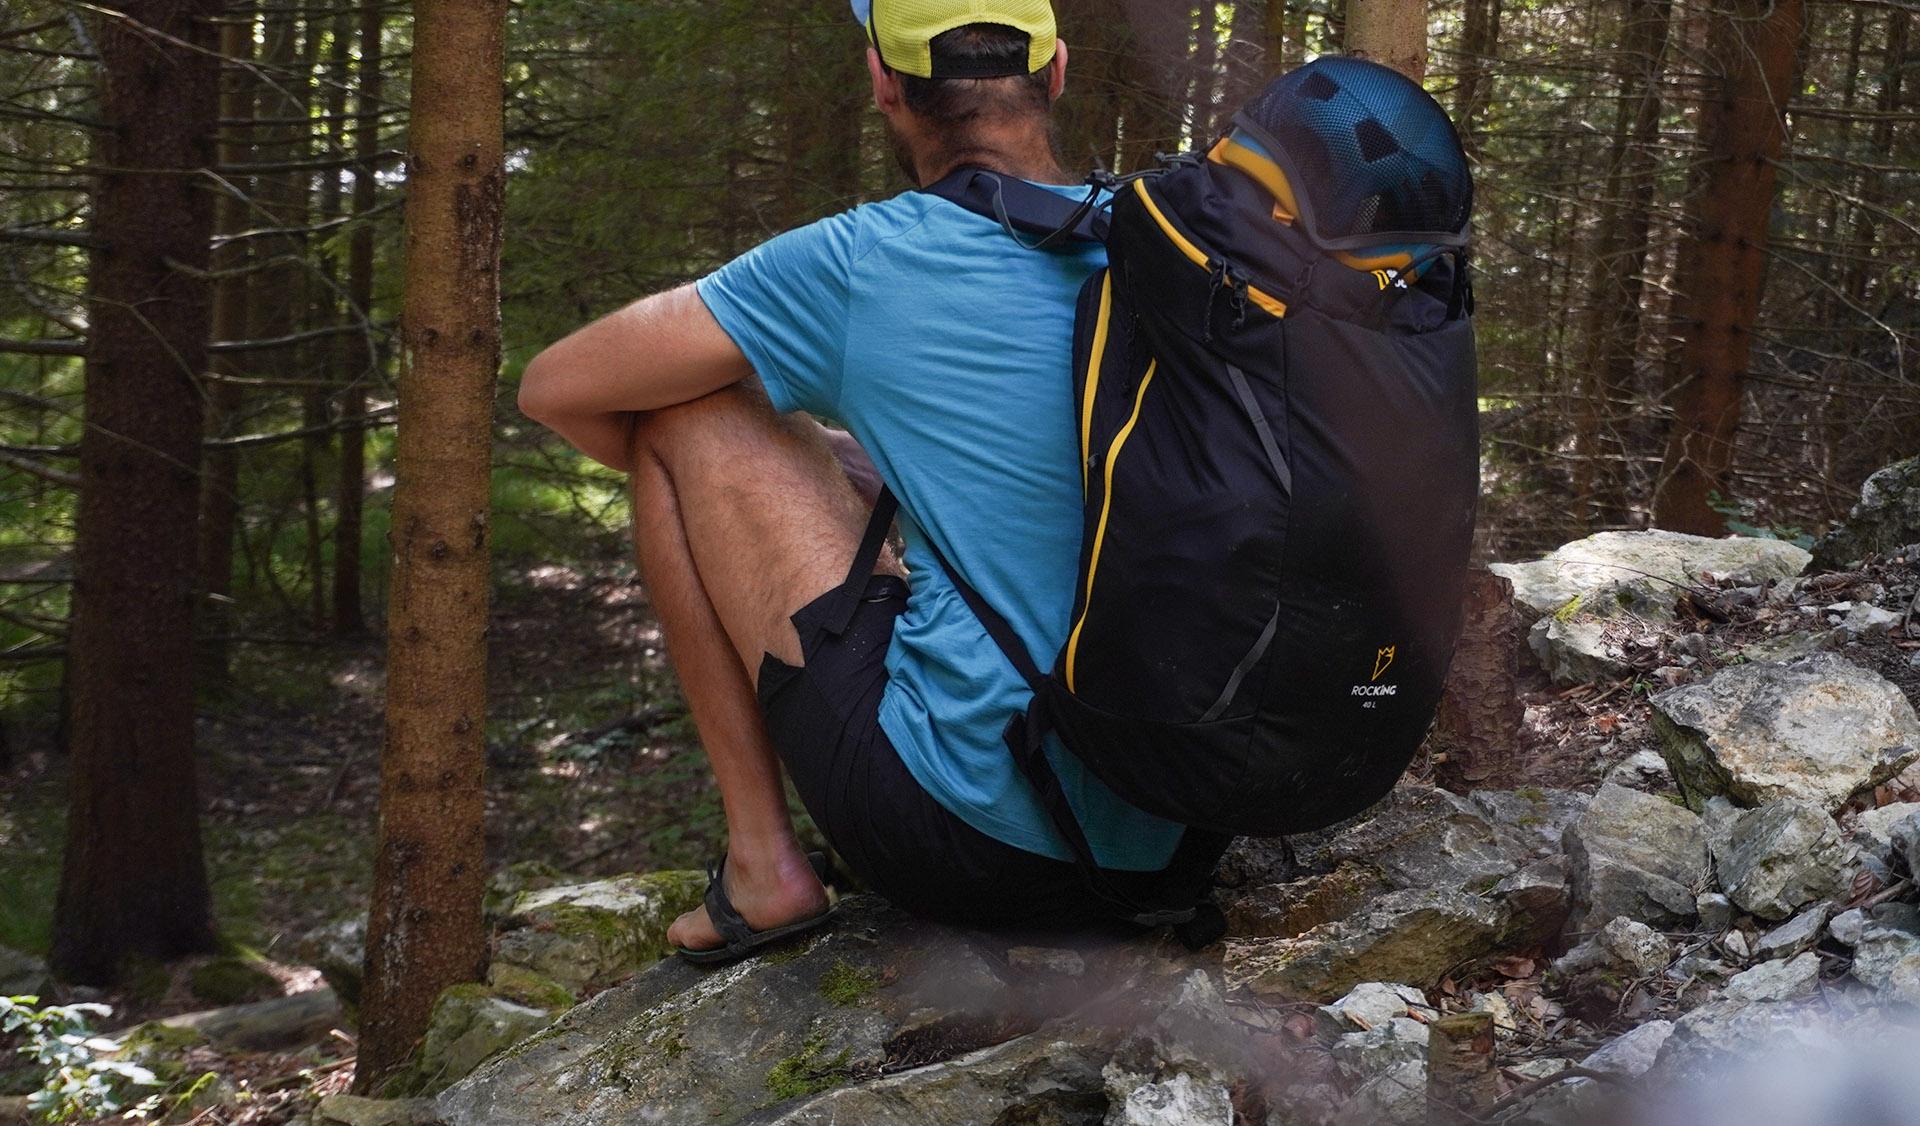 Singin Rock Rocking má dve moťnosti ochopenia prilby do sieťky a to z predu a z vrchu.